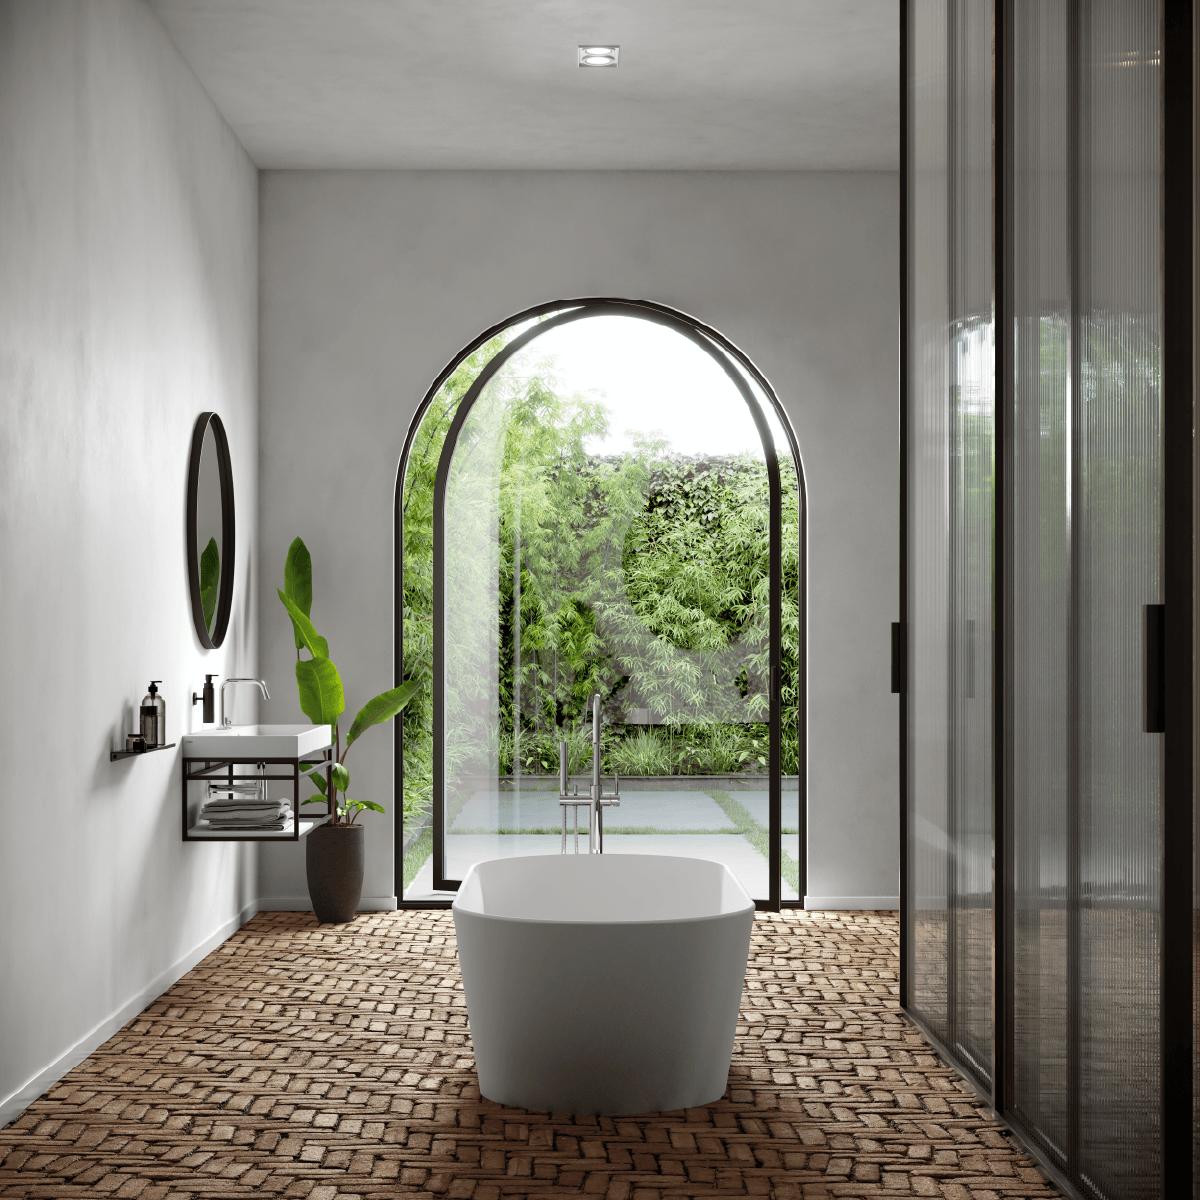 mijn-bad-in-stijl-blog-voor-iedere-woonstijl-een-badkamer-lofty-2